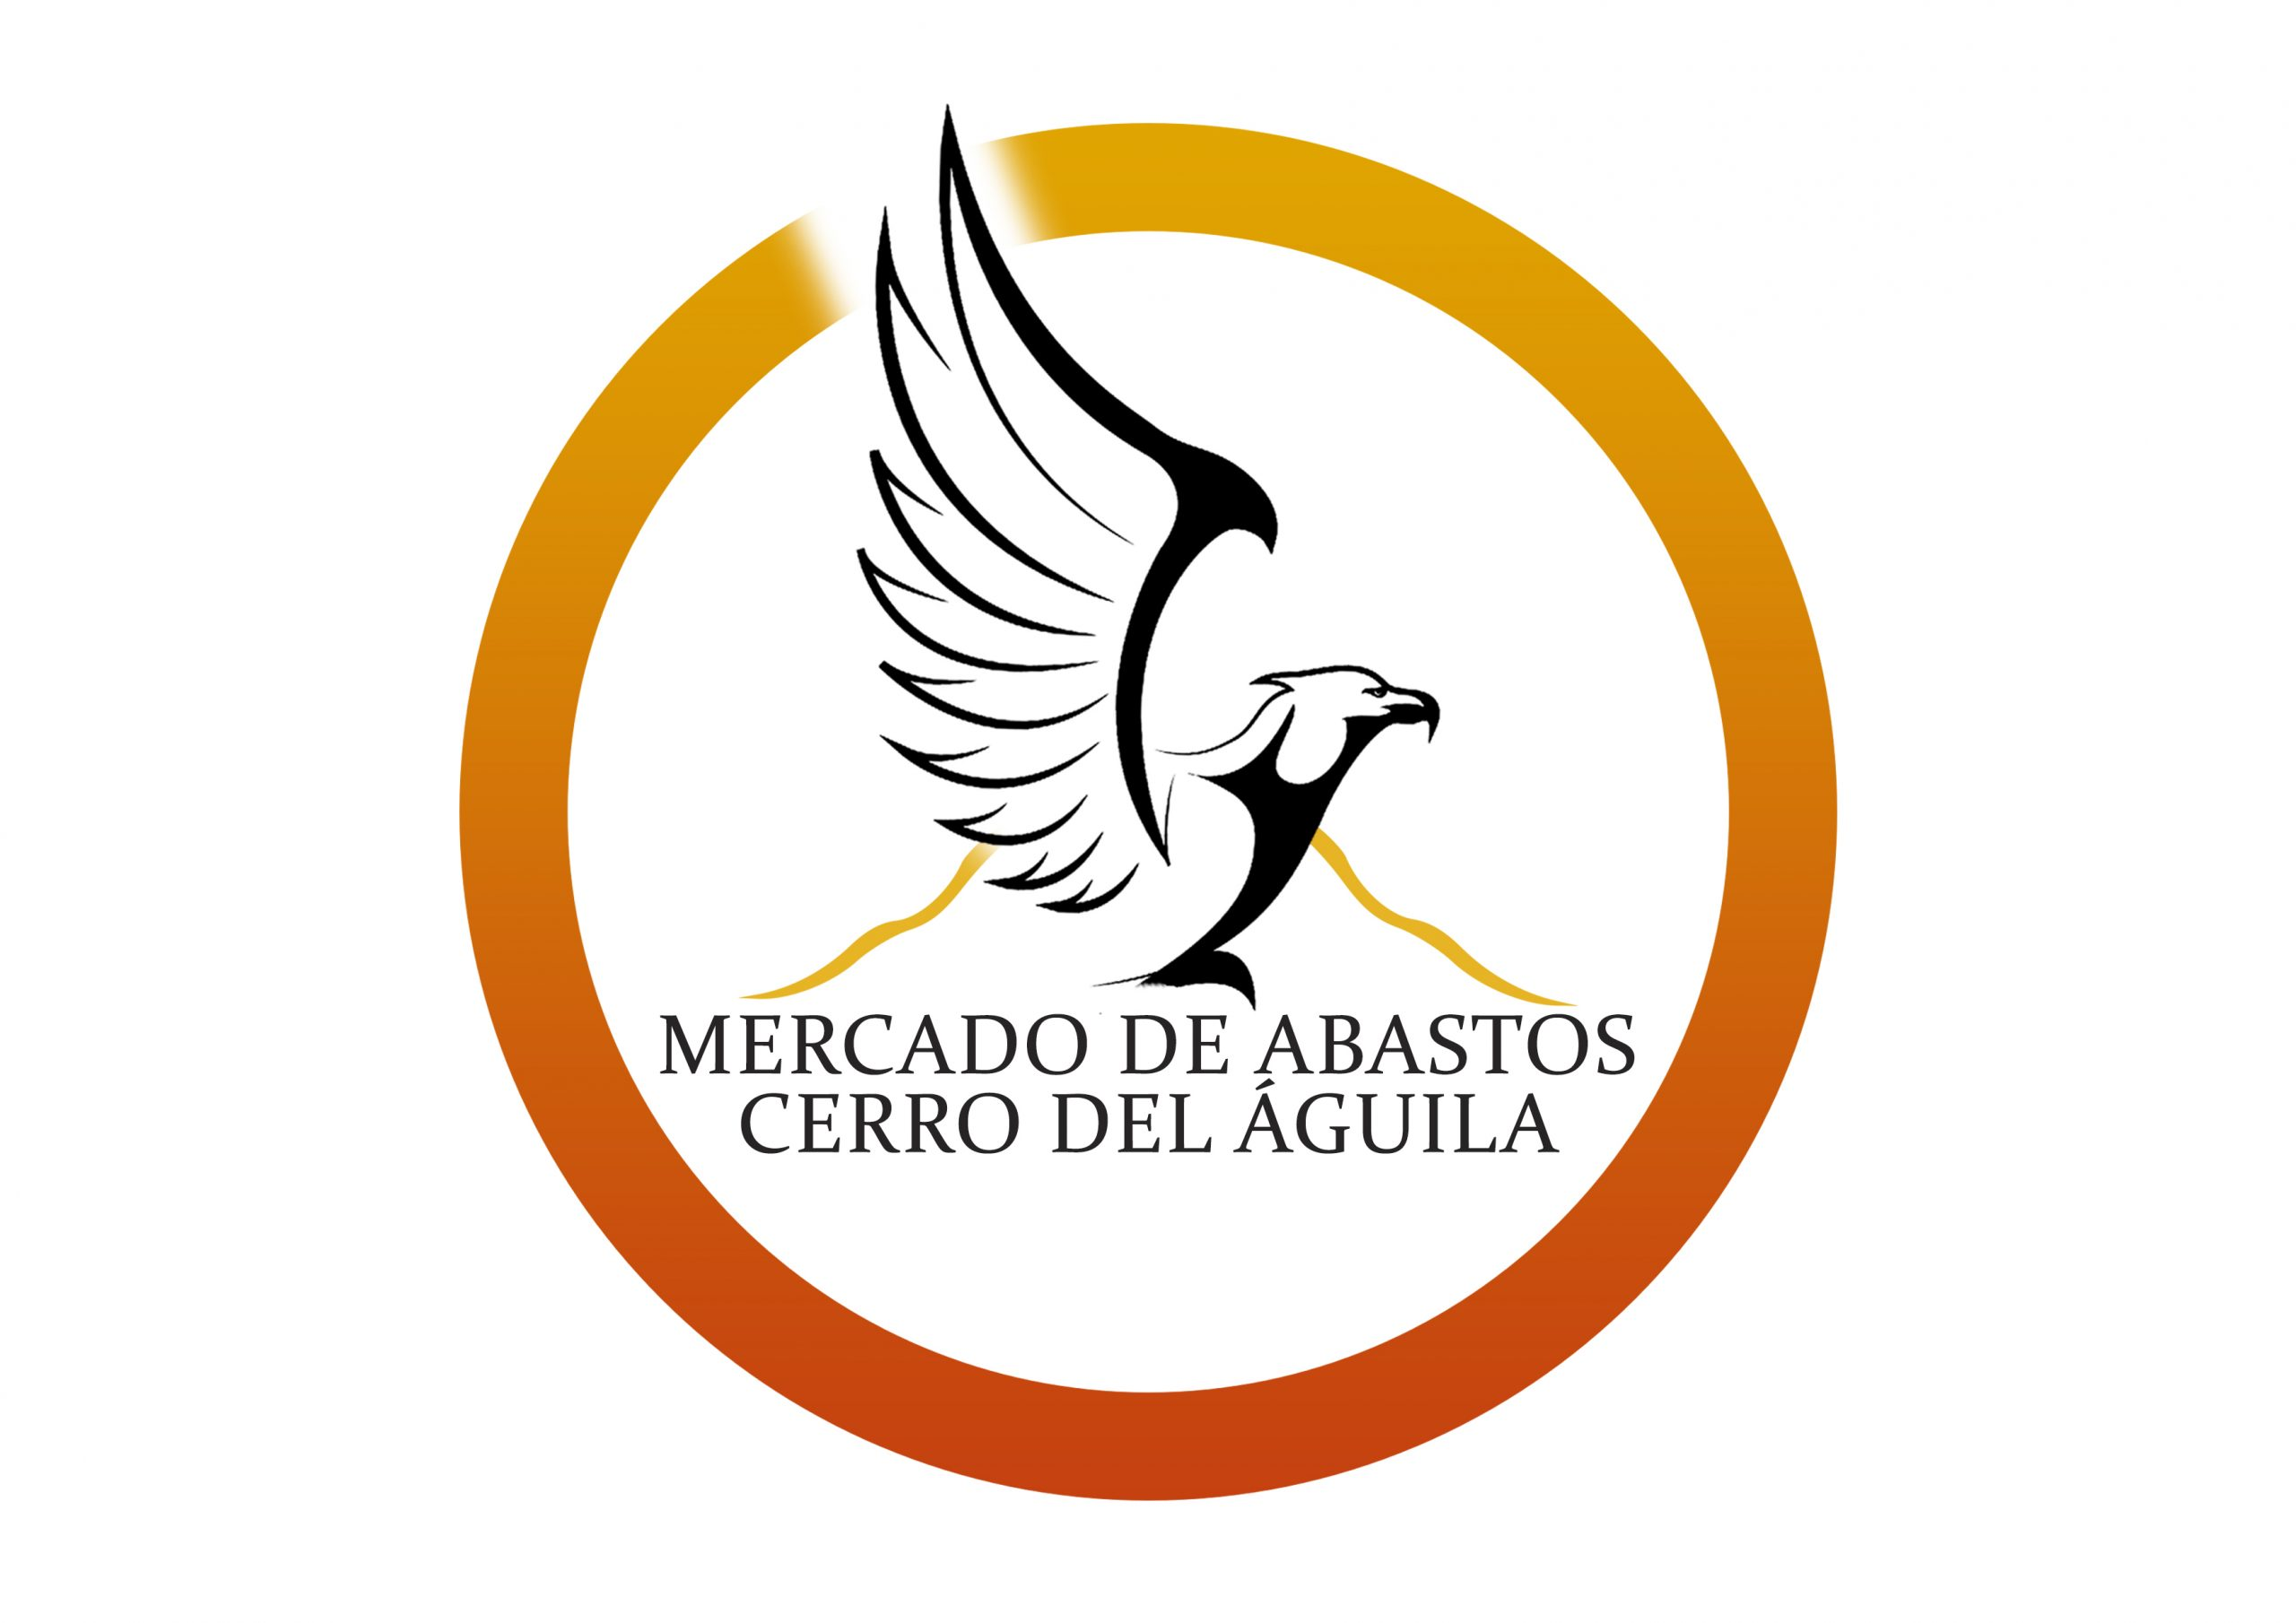 MERCADO CERRO DEL ÁGUILA - Bienvenidos y entren para dentro